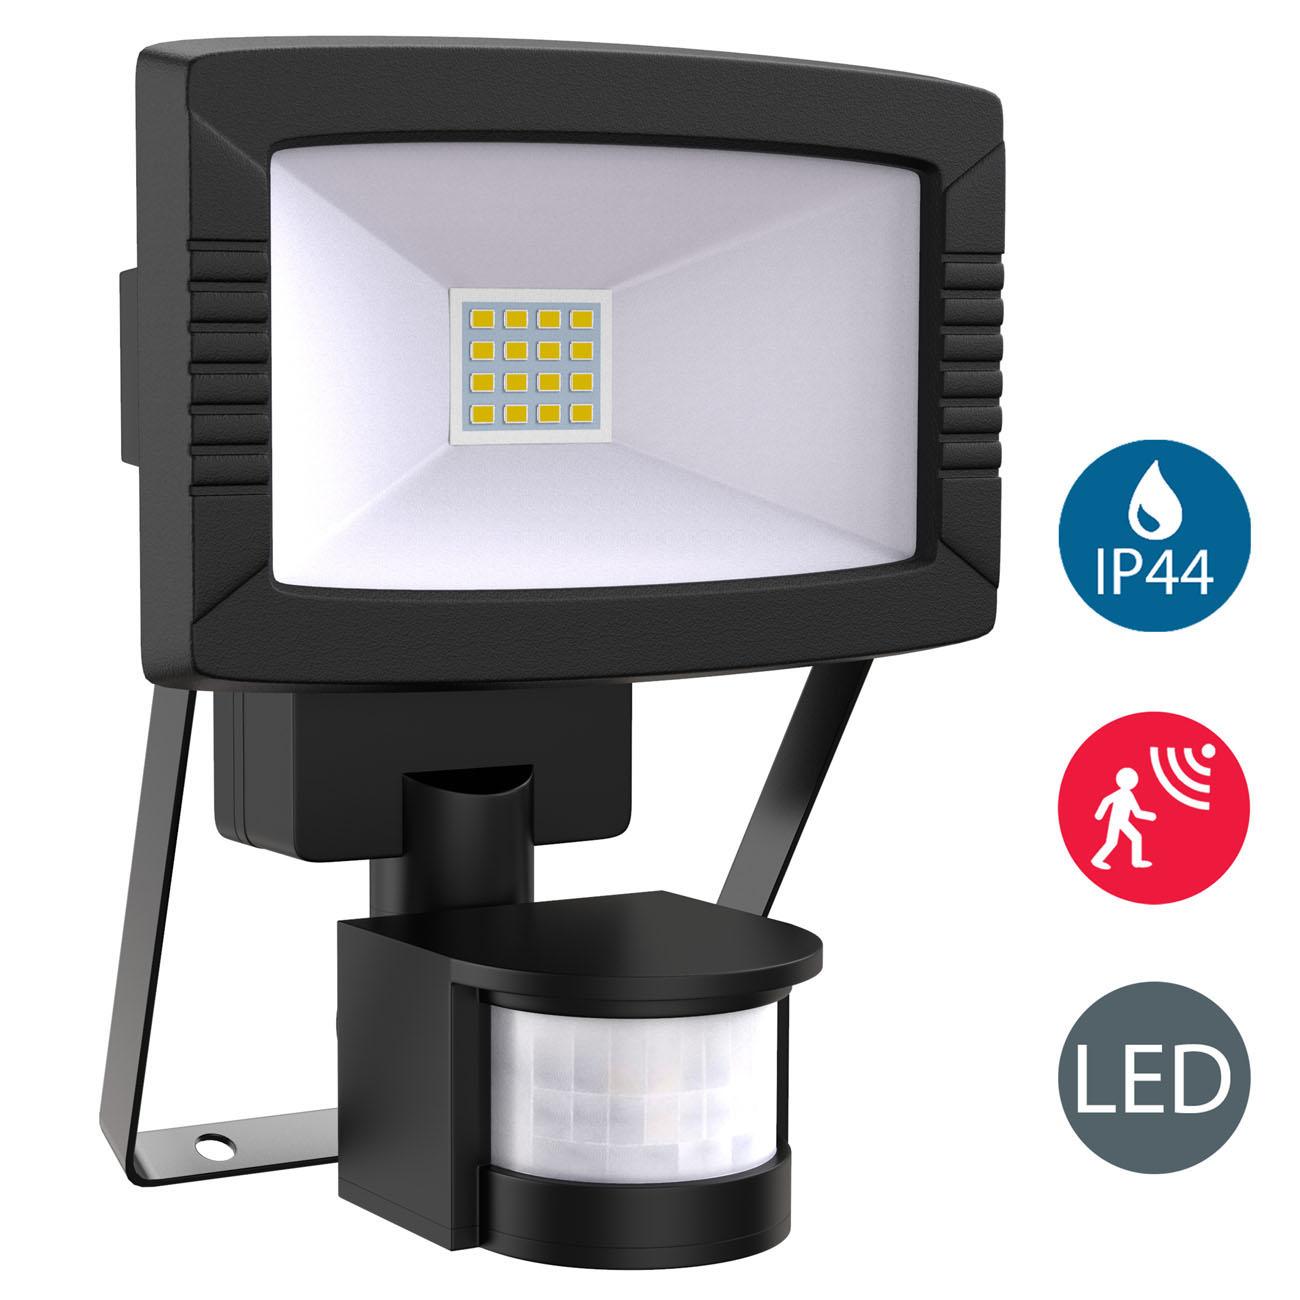 LED Außenstrahler mit Bewegungsmelder IP44 schwarz - 3